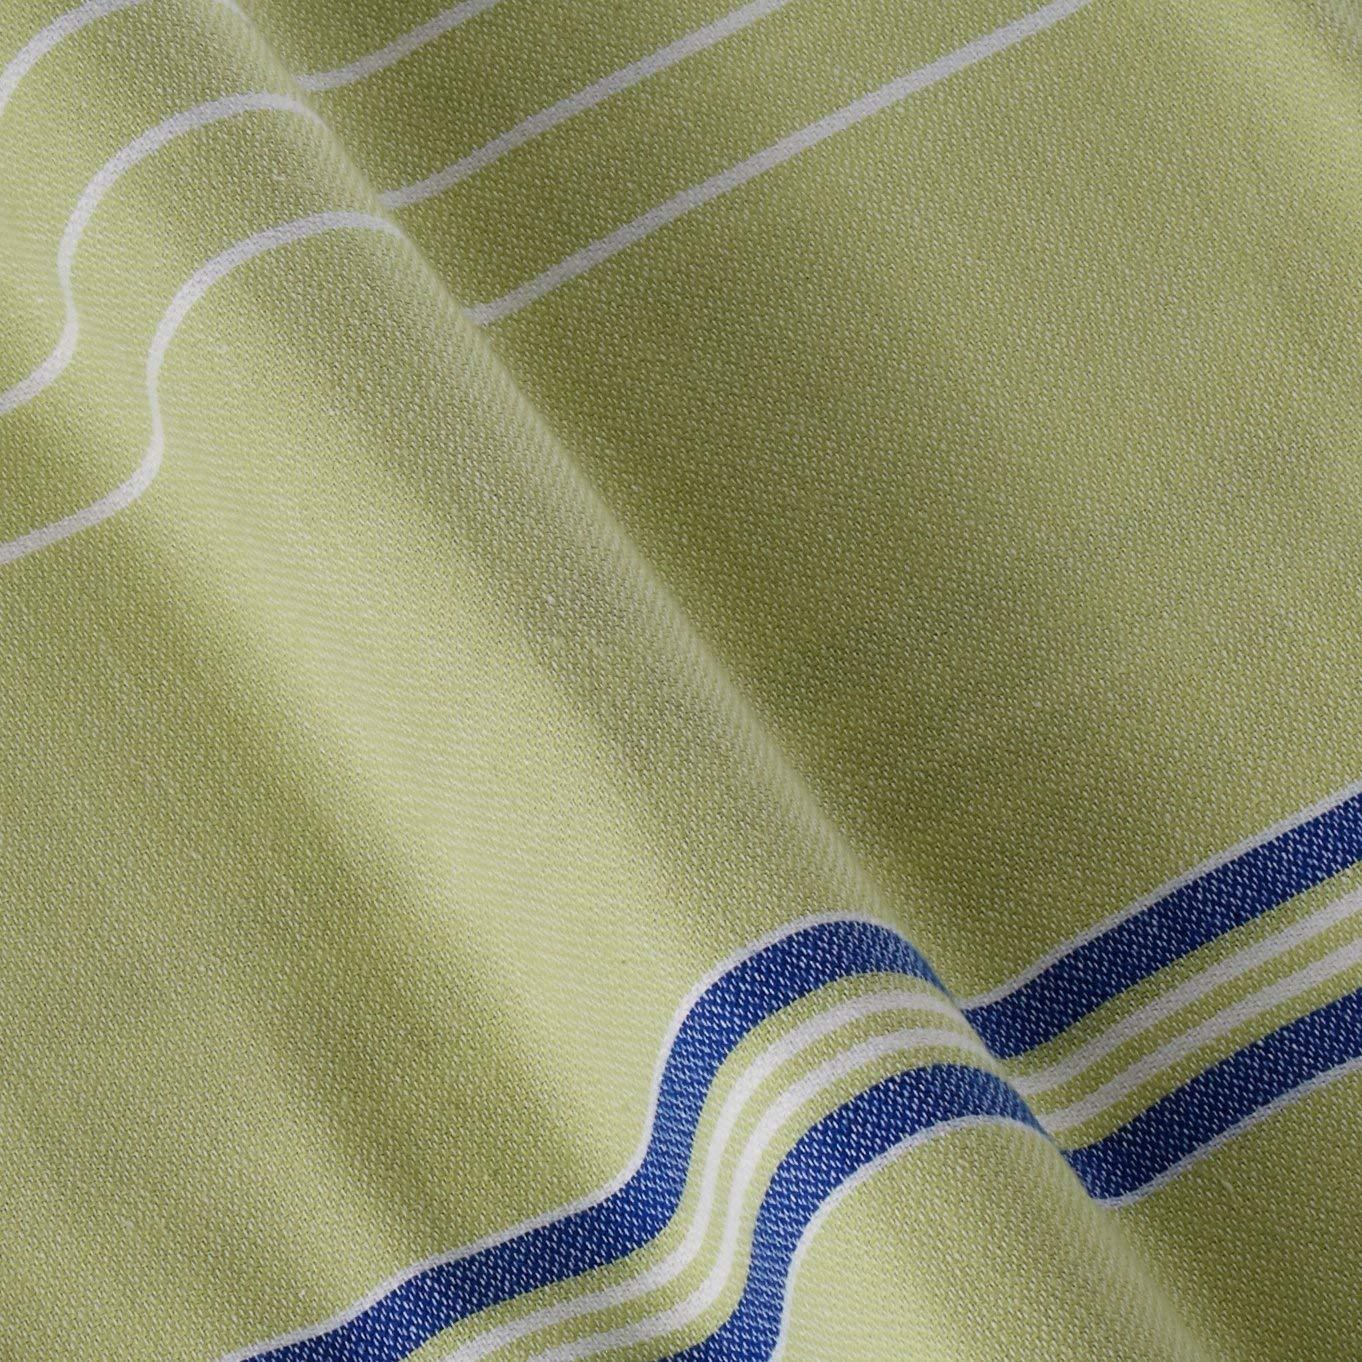 Cacala Toalla de baño turco, modelo Paradise, algodón, verde pistacho royal, 95 x 175 x 0.5 cm: Amazon.es: Hogar